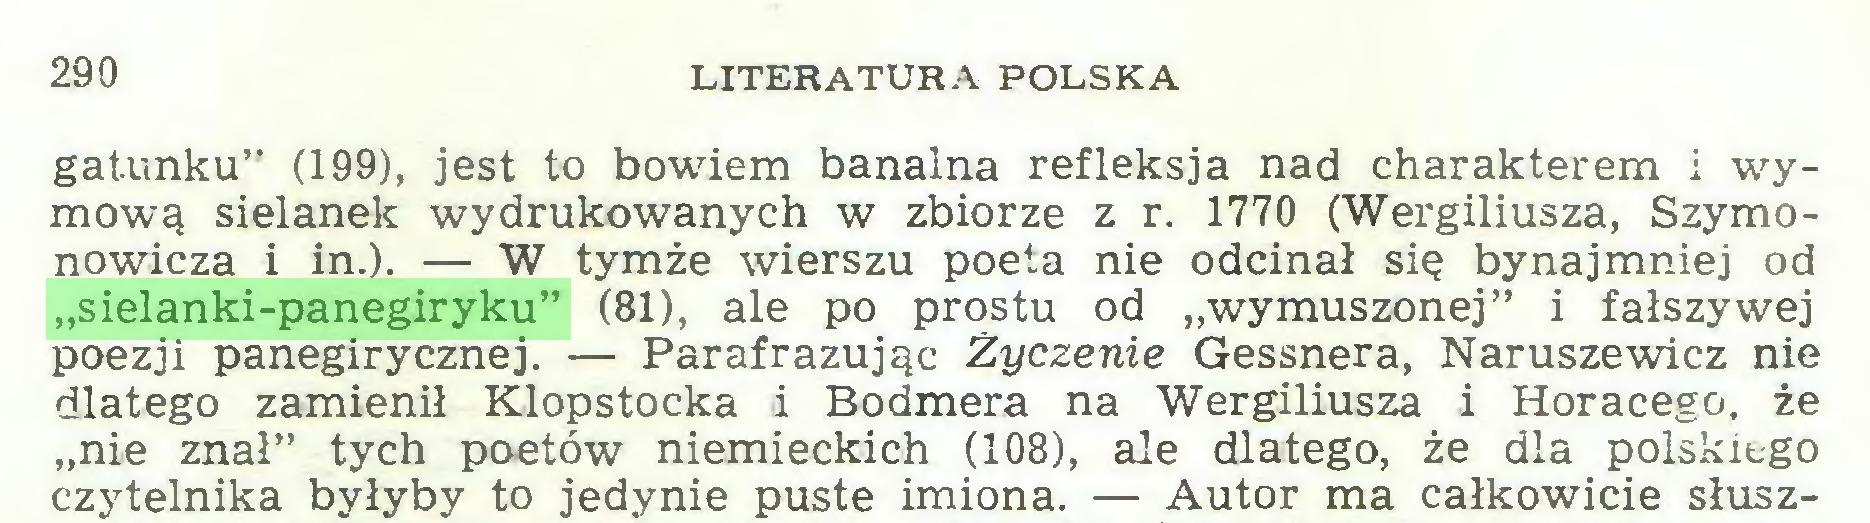 """(...) 290 LITERATURA POLSKA gatunku"""" (199), jest to bowiem banalna refleksja nad charakterem i wymową sielanek wydrukowanych w zbiorze z r. 1770 (Wergiliusza, Szymonowicza i in.). — W tymże wierszu poeta nie odcinał się bynajmniej od """"sielanki-panegiryku"""" (81), ale po prostu od """"wymuszonej"""" i fałszywej poezji panegirycznej. — Parafrazując Życzenie Gessnera, Naruszewicz nie dlatego zamienił Klopstocka i Bodmera na Wergiliusza i Horacego, że """"nie znał"""" tych poetów niemieckich (108), ale dlatego, że dla polskiego czytelnika byłyby to jedynie puste imiona. — Autor ma całkowicie słusz..."""